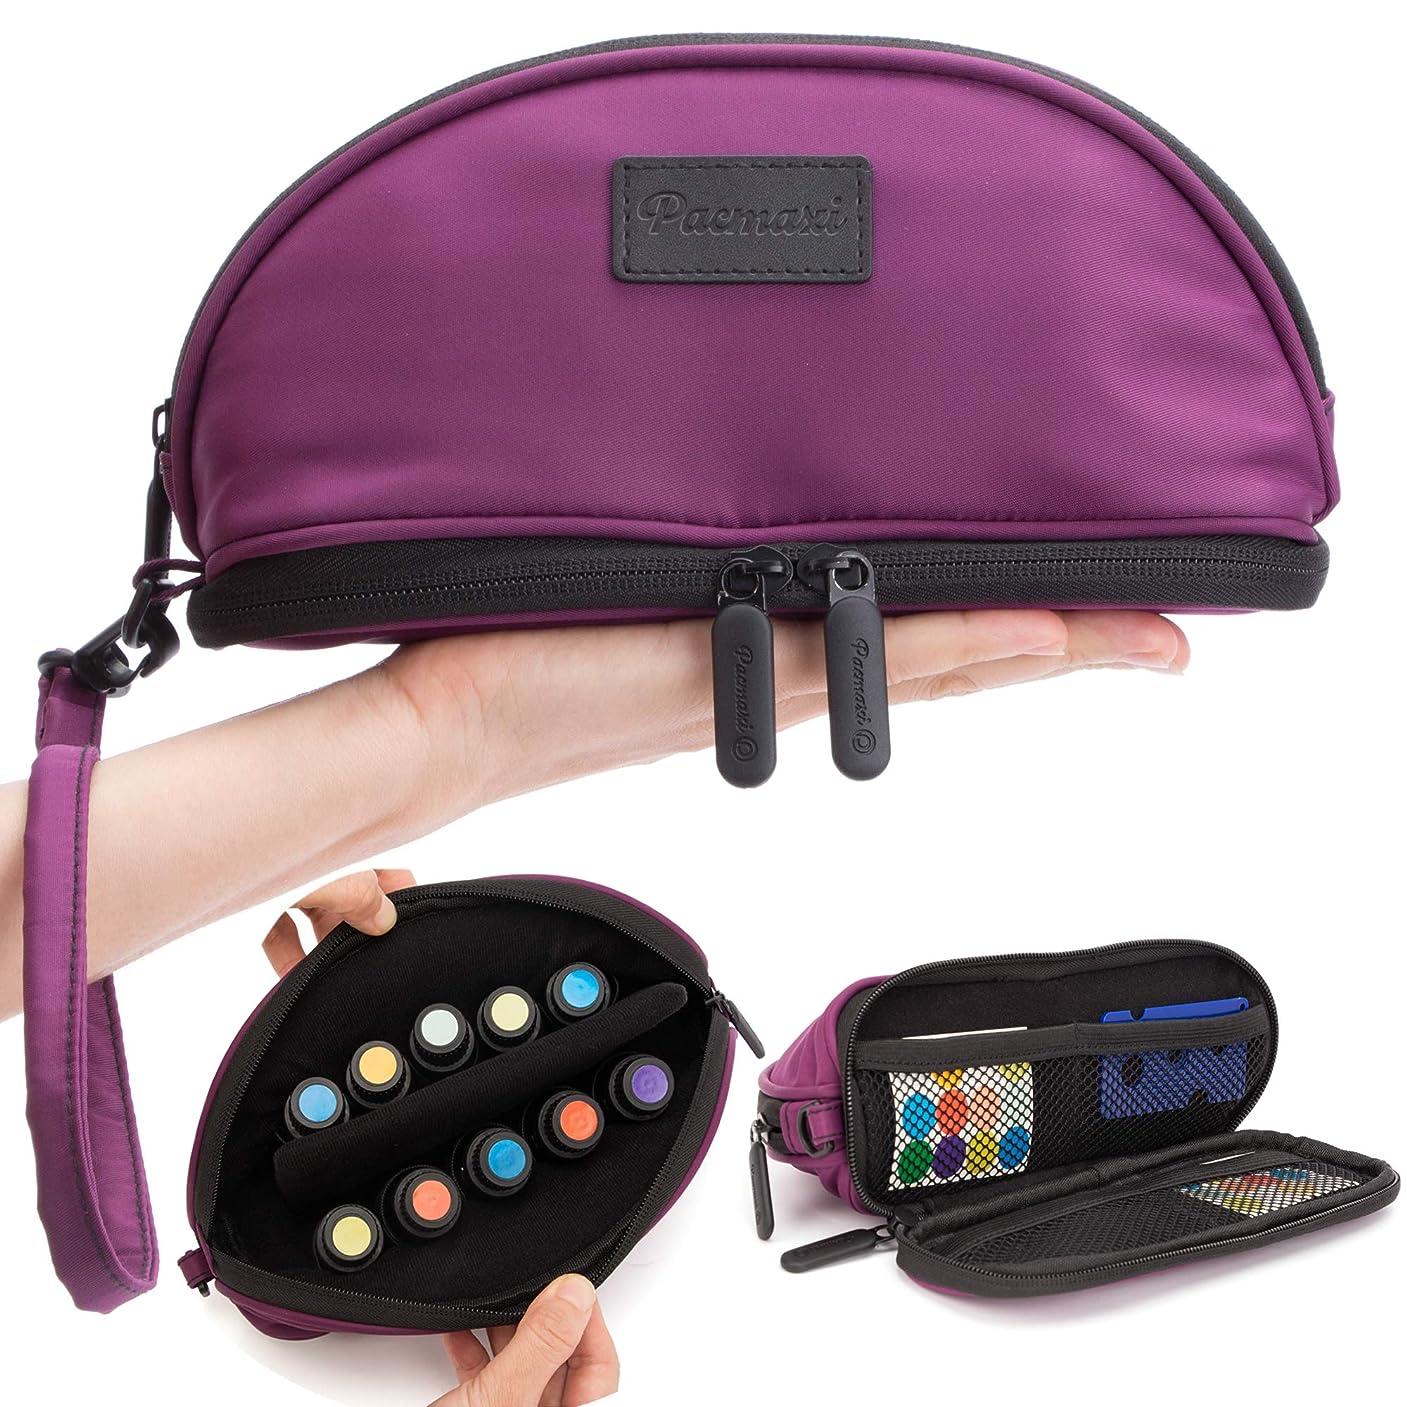 語有害煙[Pacmaxi]エッセンシャルオイル 収納ポーチ 携帯便利 旅行 10本収納(5ml - 15ml) ナイロン製 撥水加工 ストラップあり (パープル)